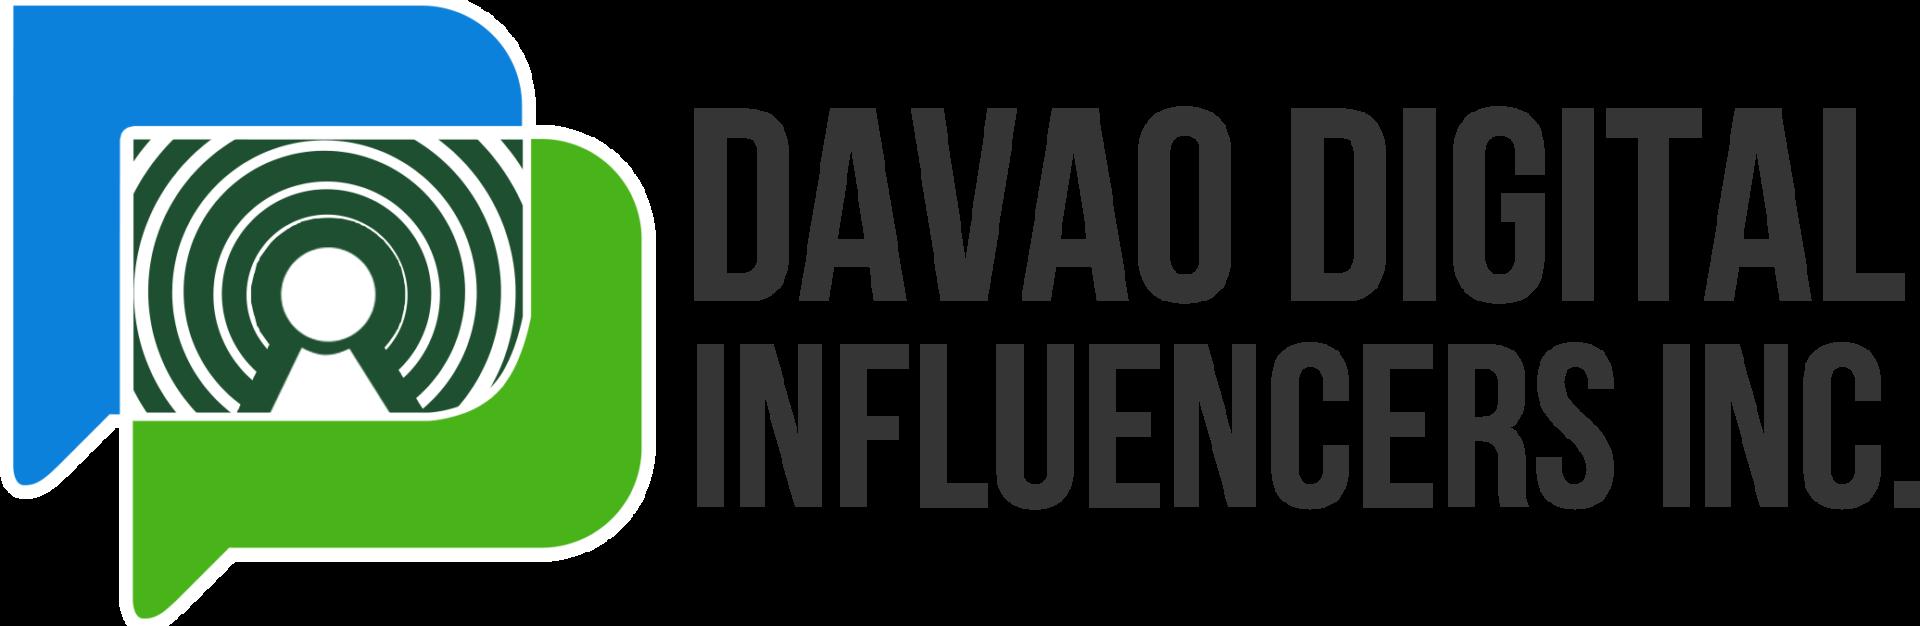 Davao Digital Influencers Inc.